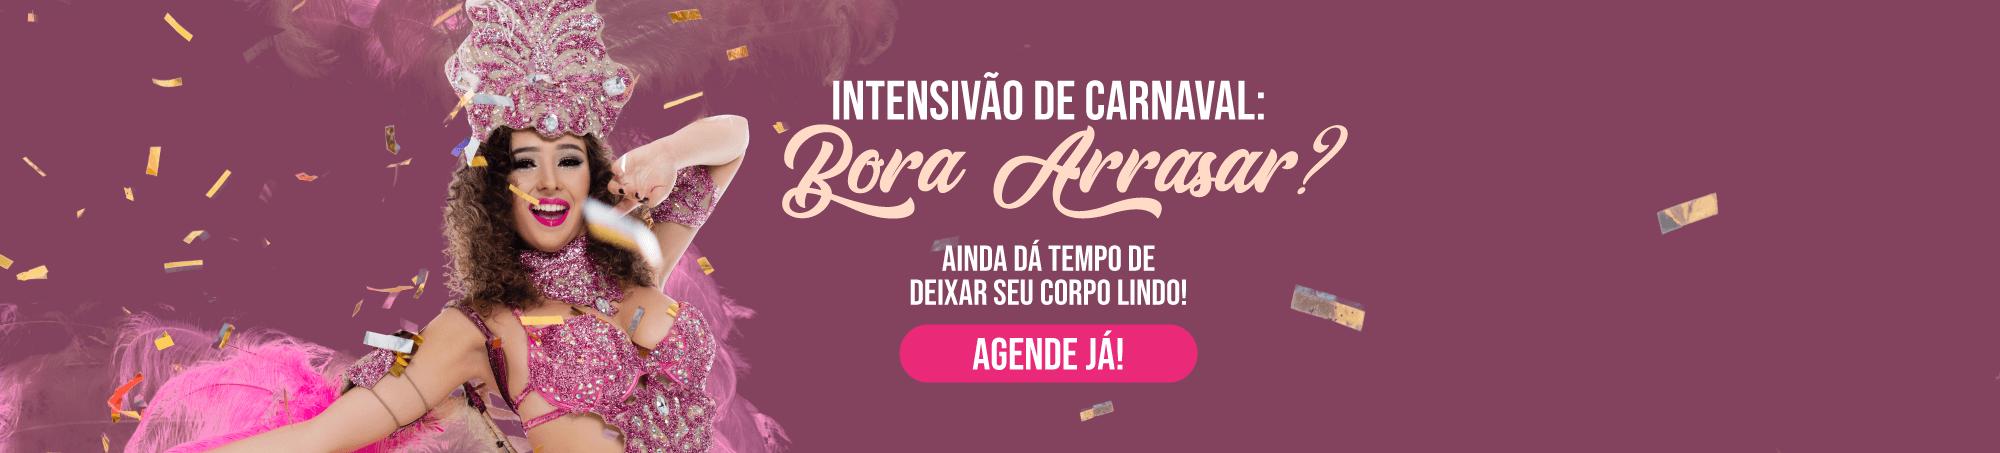 carnaval-fisest-2020-s